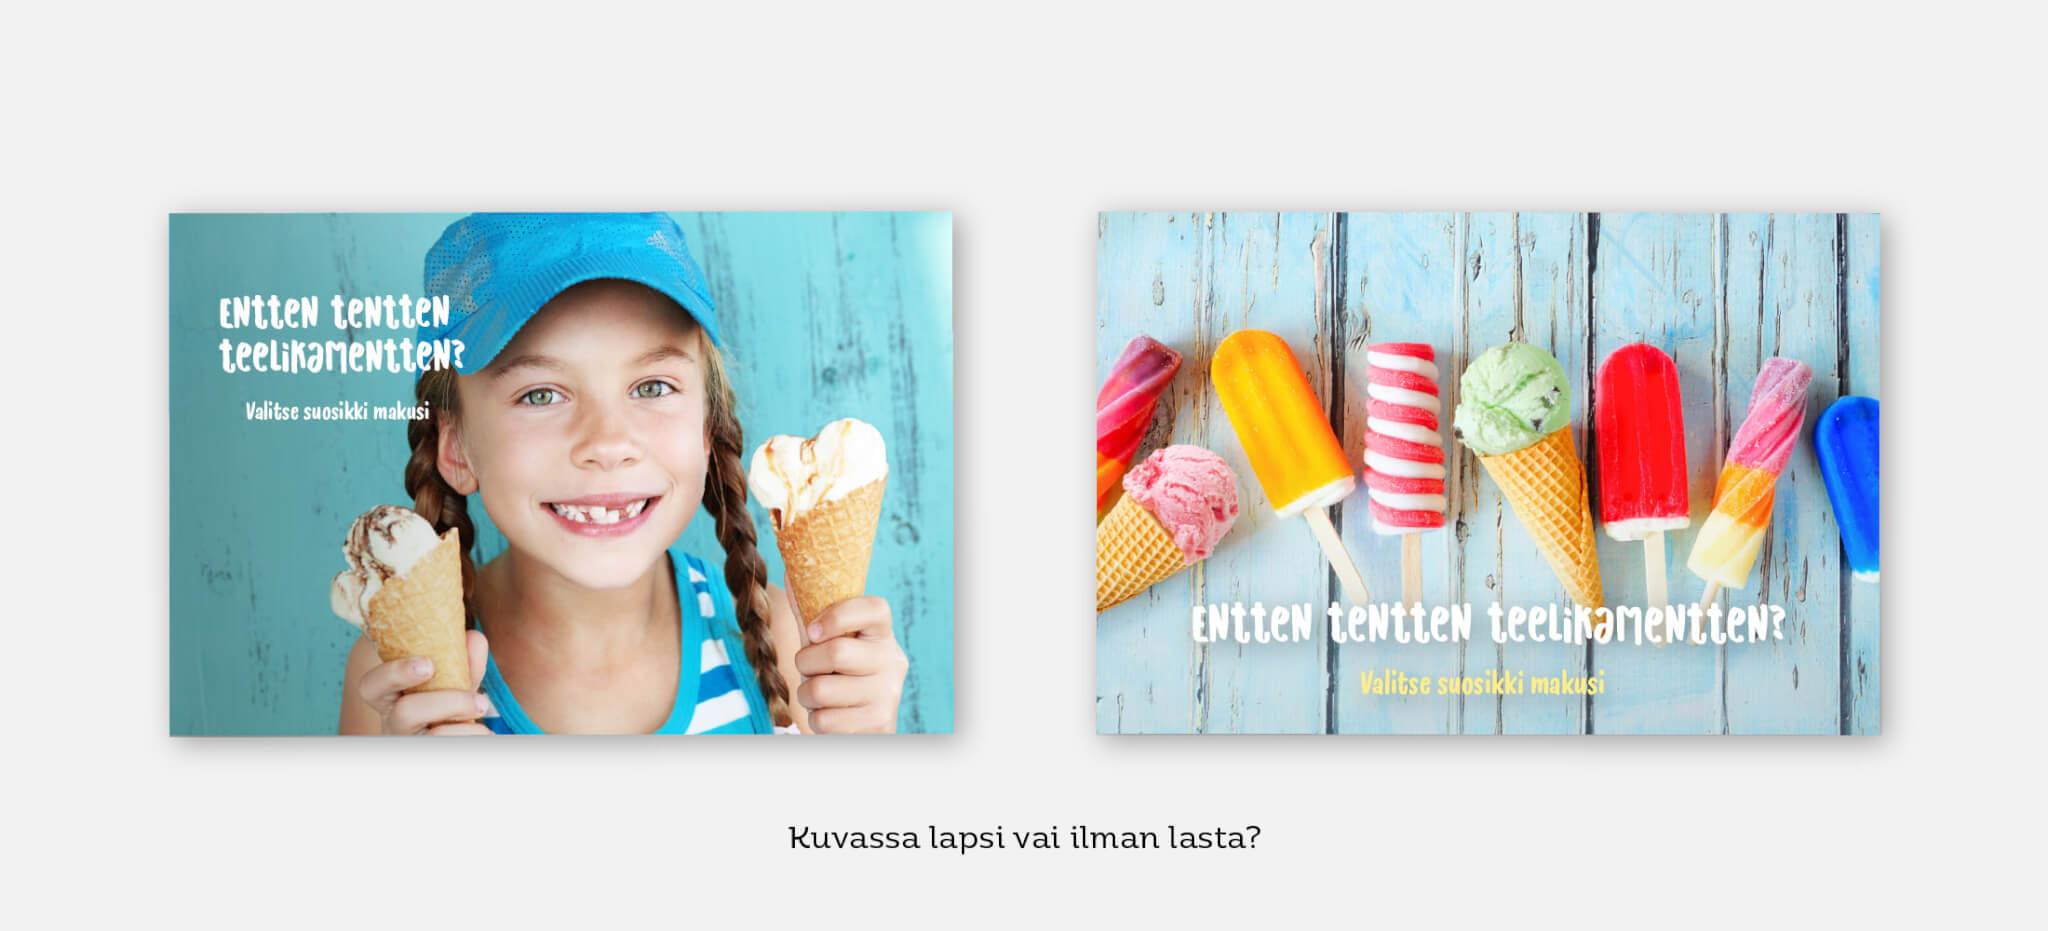 Design Inspis - mainonnan suunnittelu luovaa ideointia, esimerkkikuva